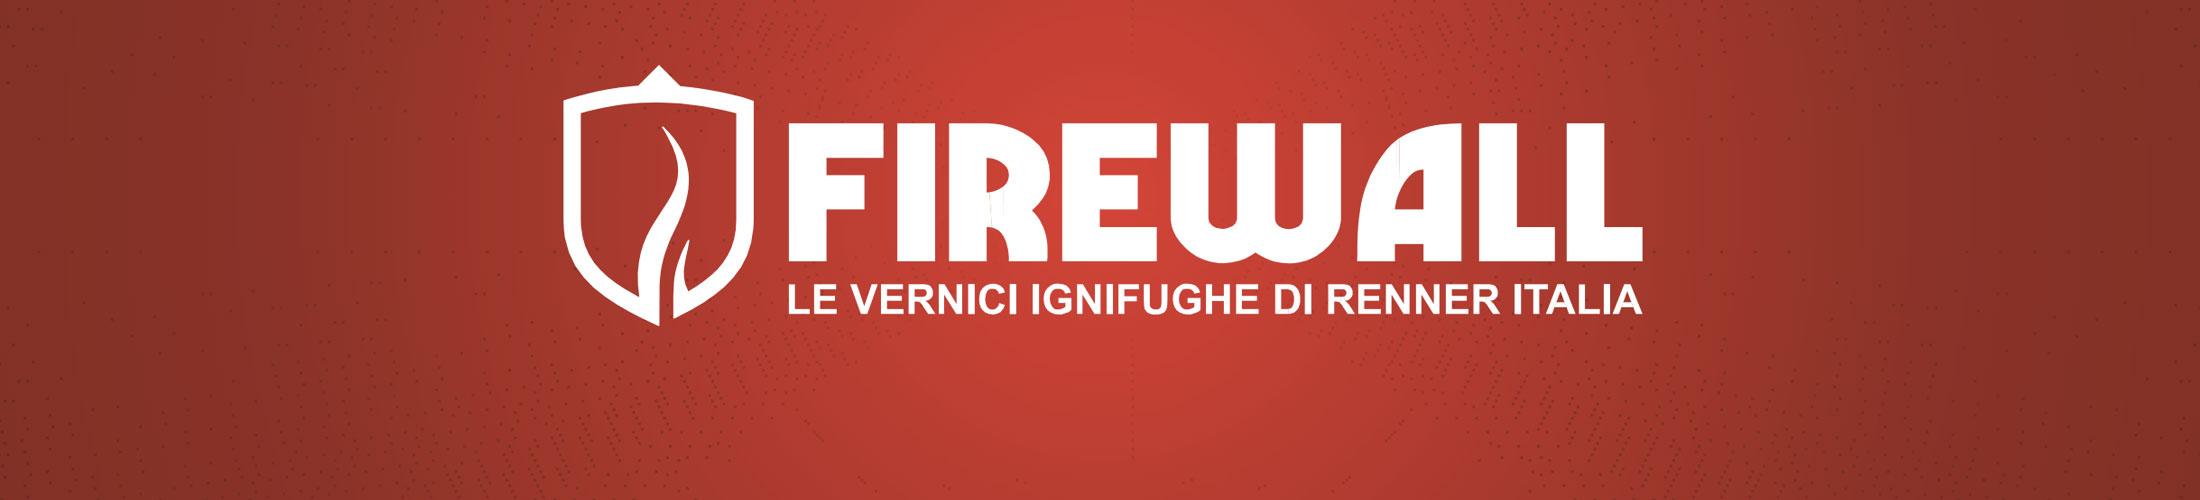 pf_rennerfirewall-web-head